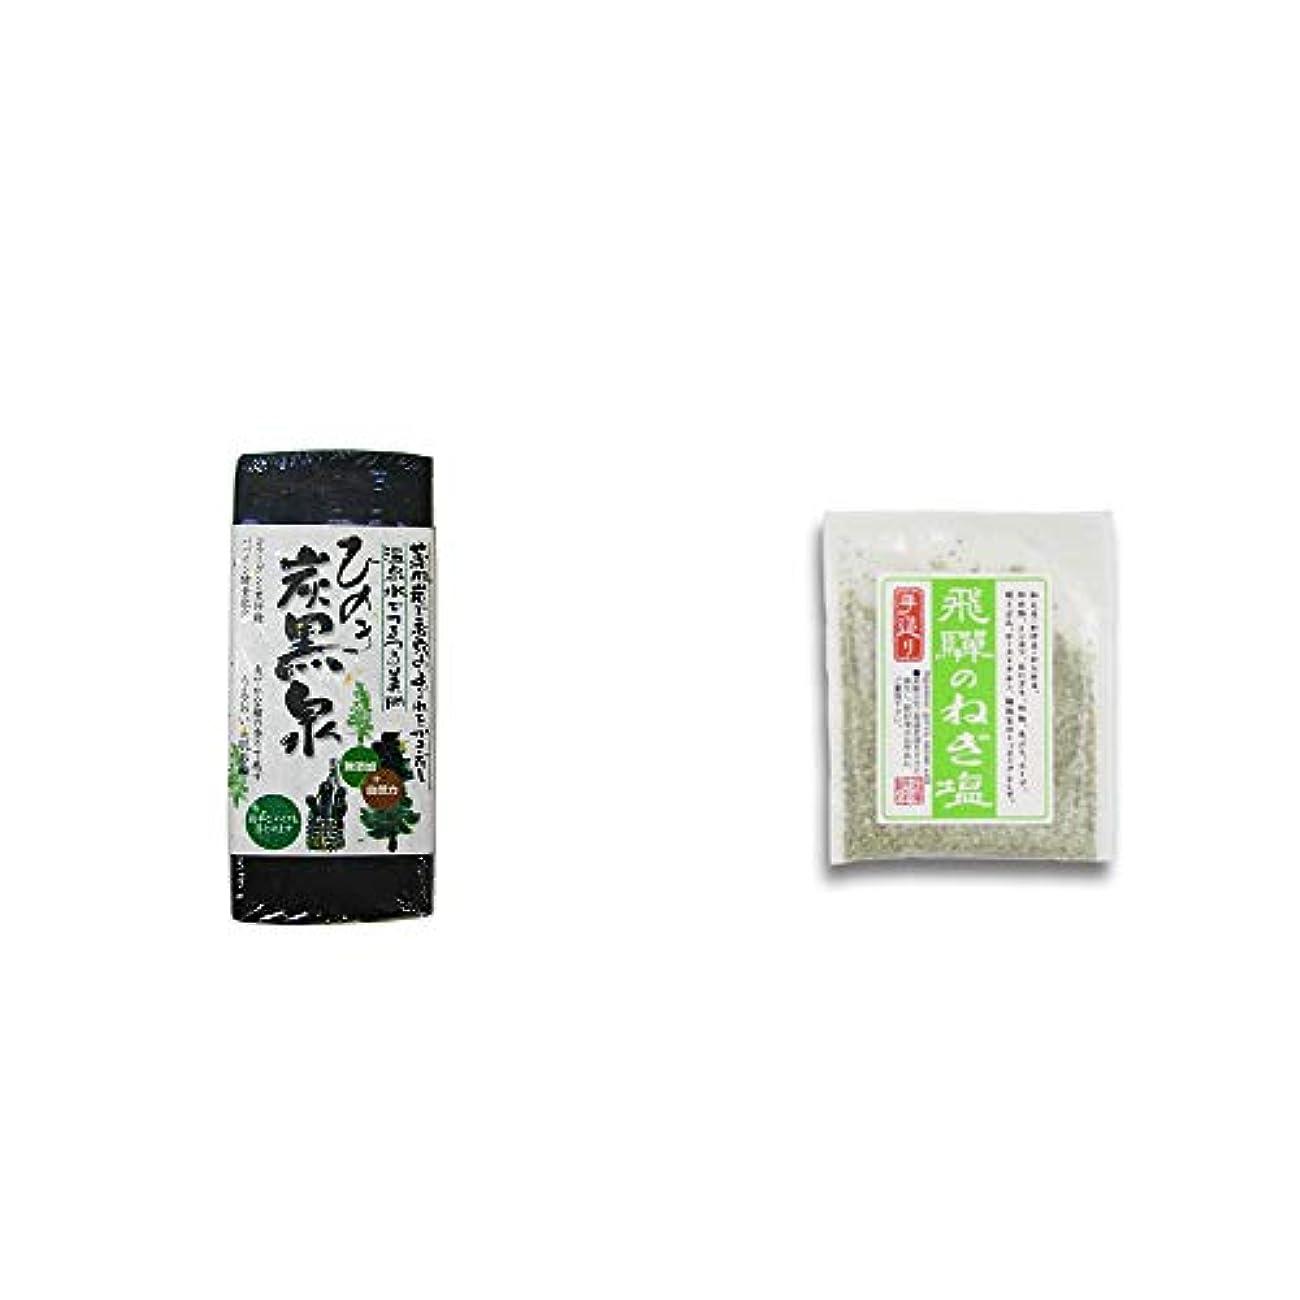 神社支配する合併症[2点セット] ひのき炭黒泉(75g×2)?手造り 飛騨のねぎ塩(40g)